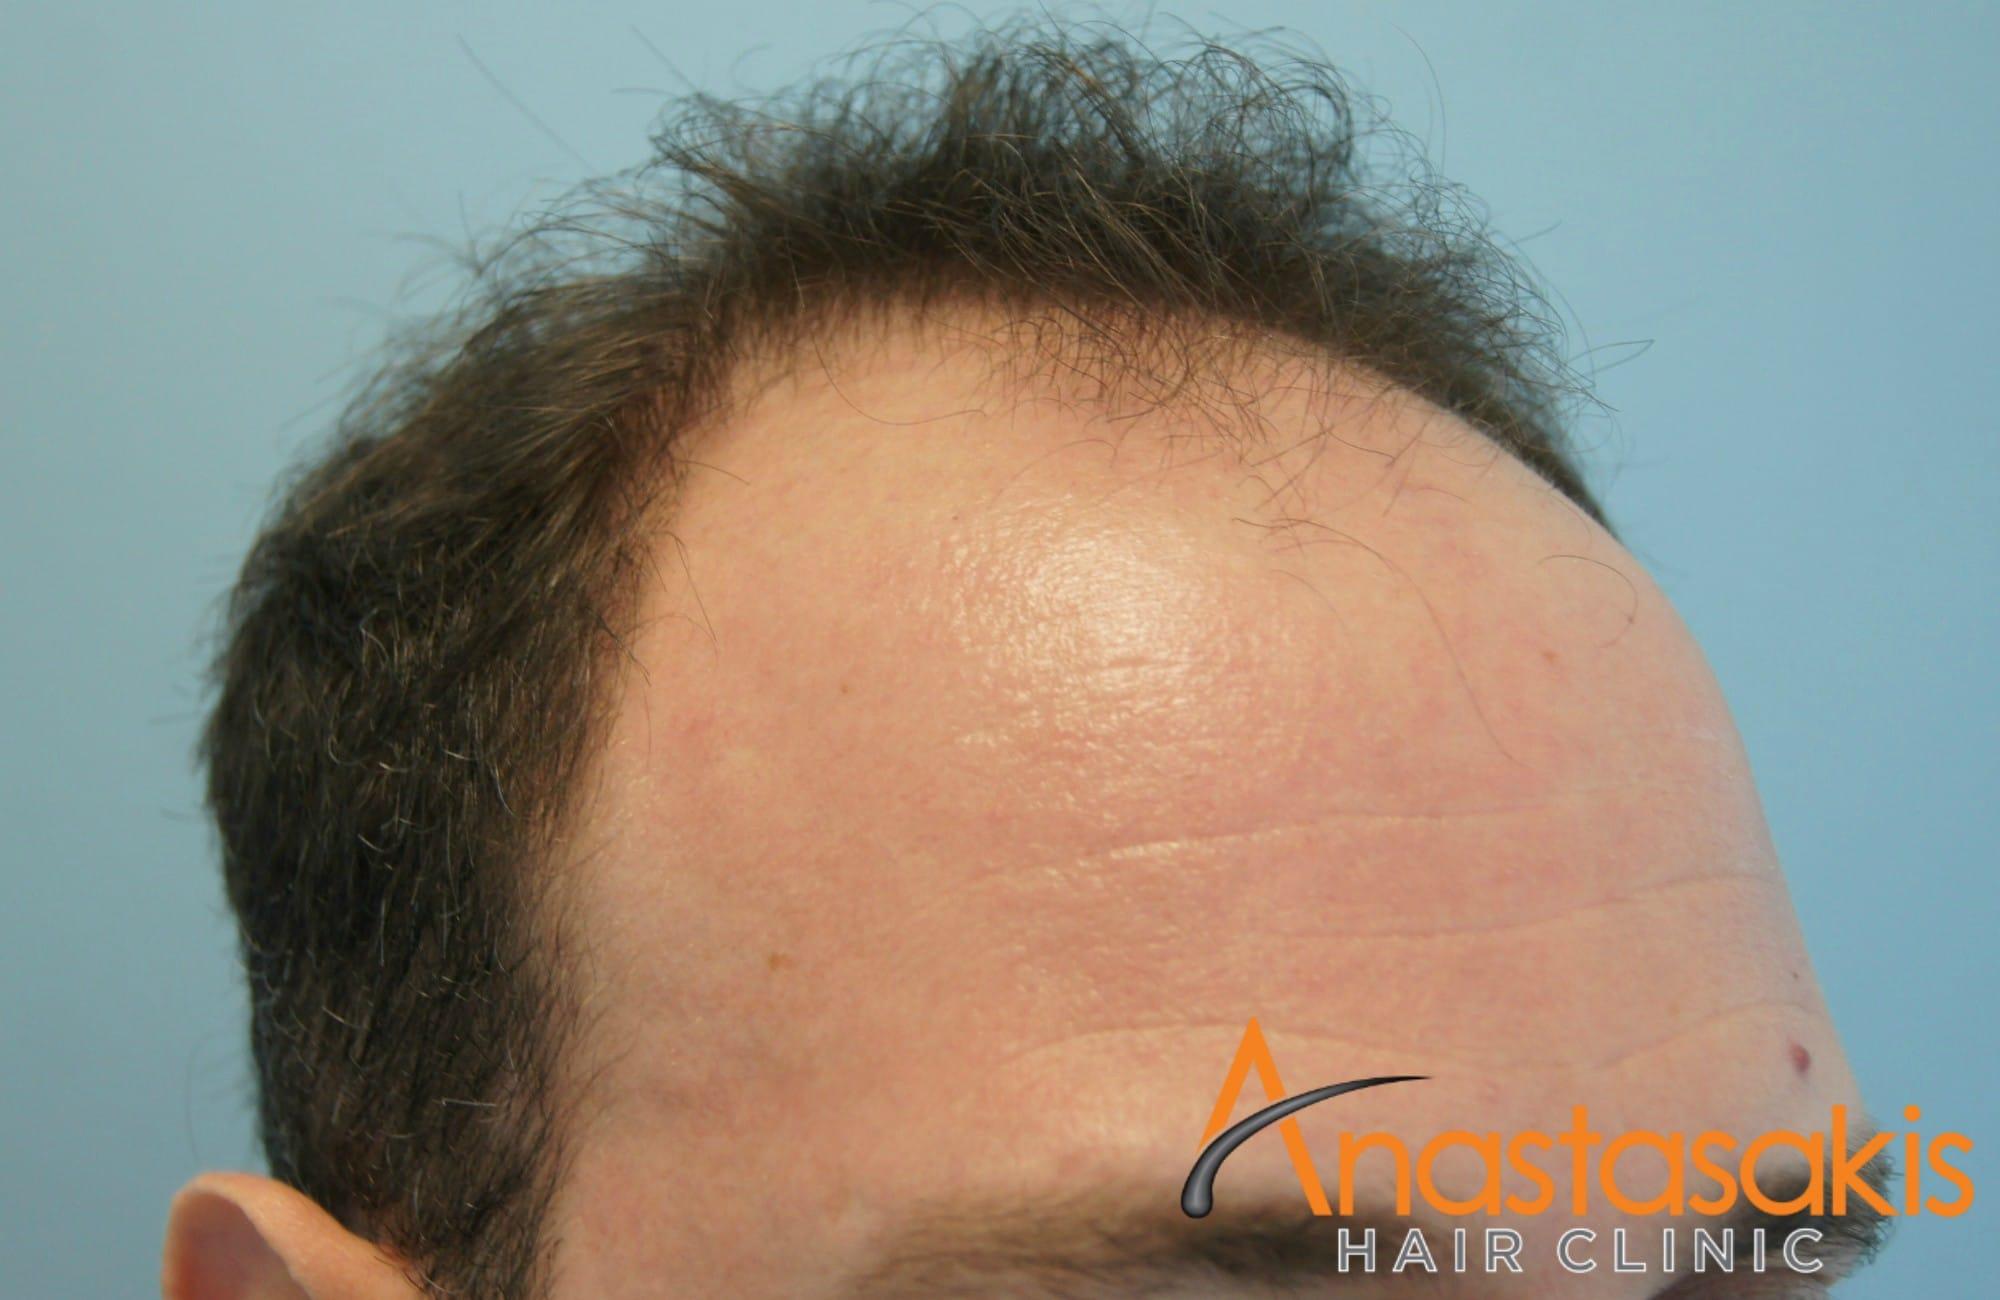 αριστερο προφιλ 2 ασθενους πριν τη μεταμοσχευση μαλλιων με 3000 fus